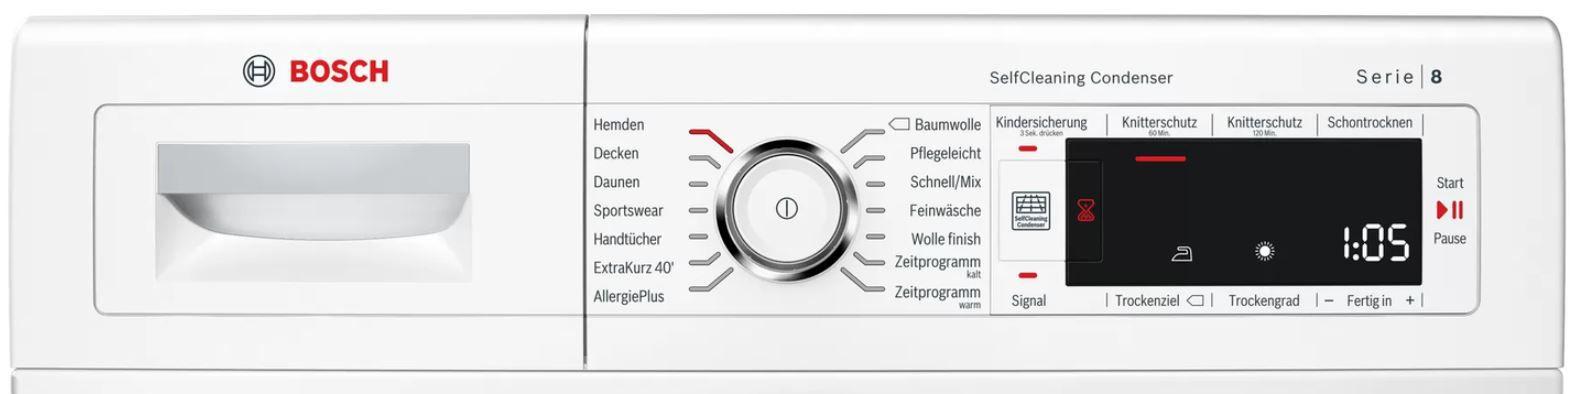 Bosch WTW87541 Serie 8 Wärmepumpen Trockner 9kg für 519€ (statt 570€)